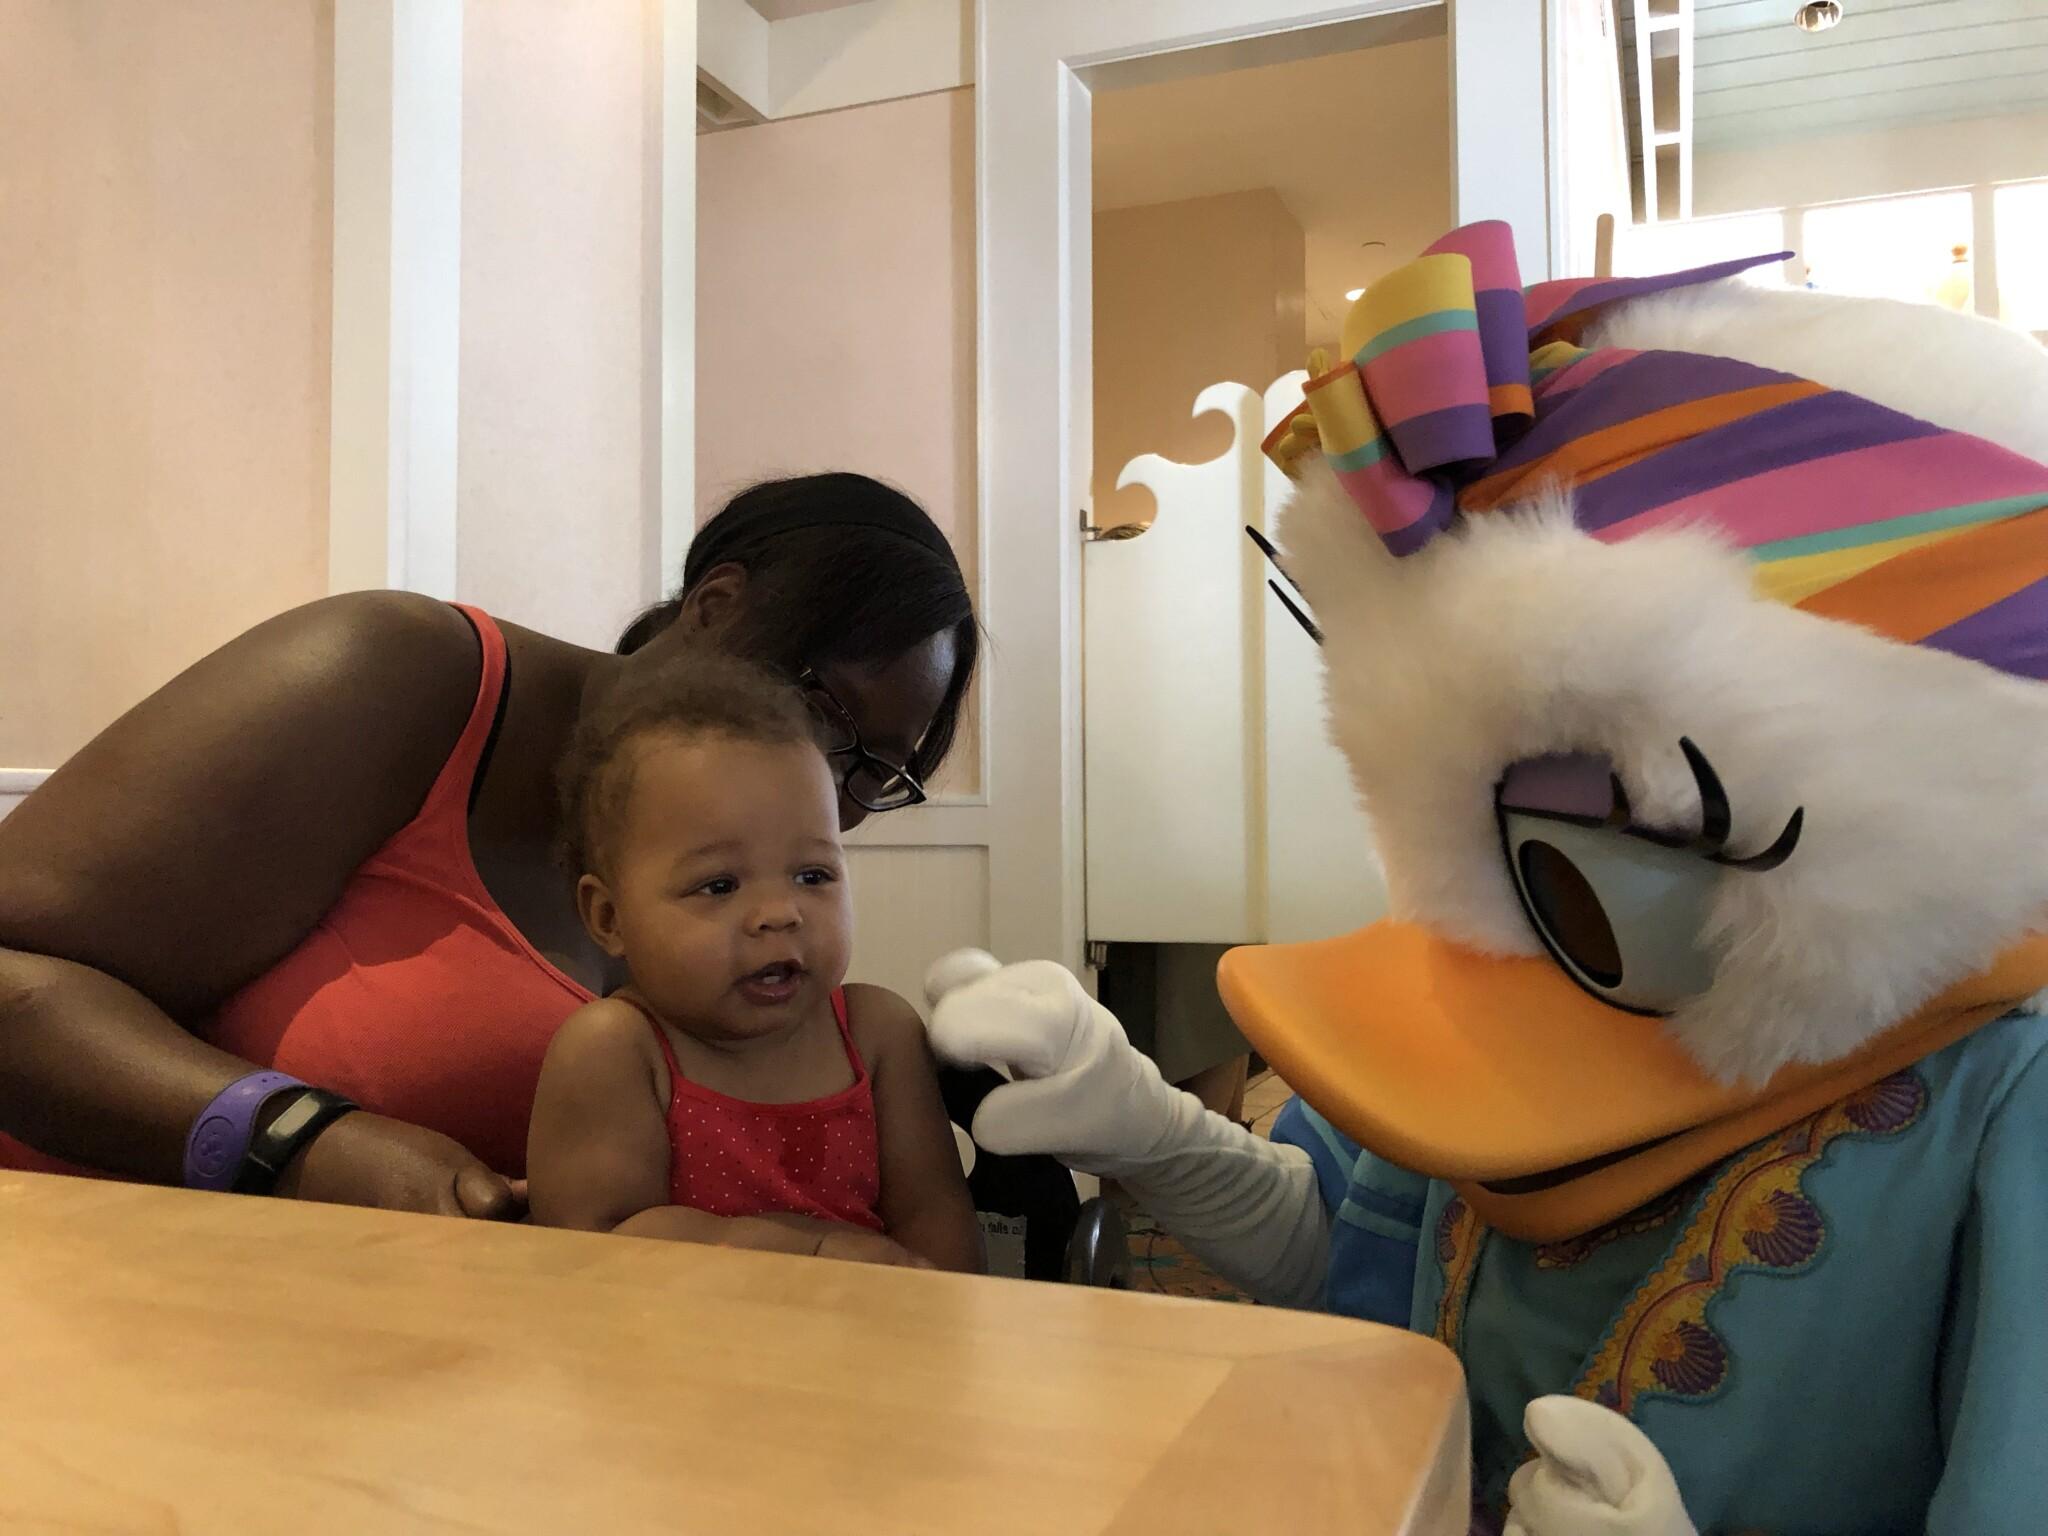 2 semaines en Floride avec un bébé de 1 an - Séjour du 2 au 16 mai 2019 DCL + WDW - Page 18 IMG_1948-2048x1536